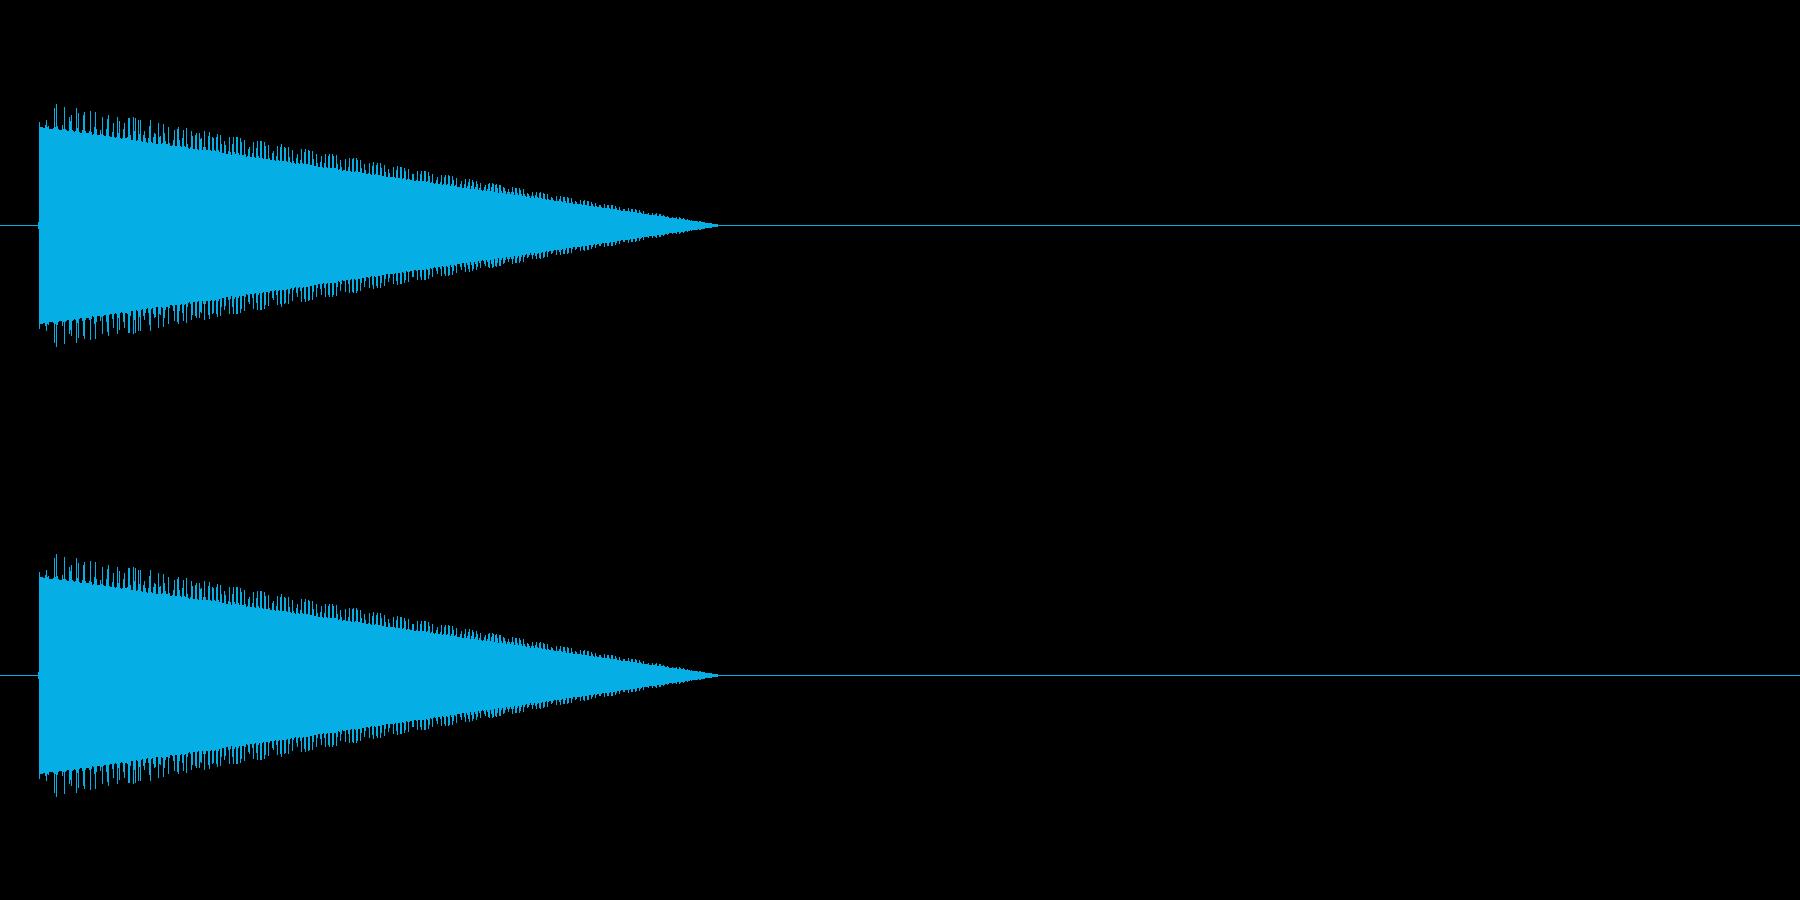 レトロゲーム風・ジャンプの再生済みの波形